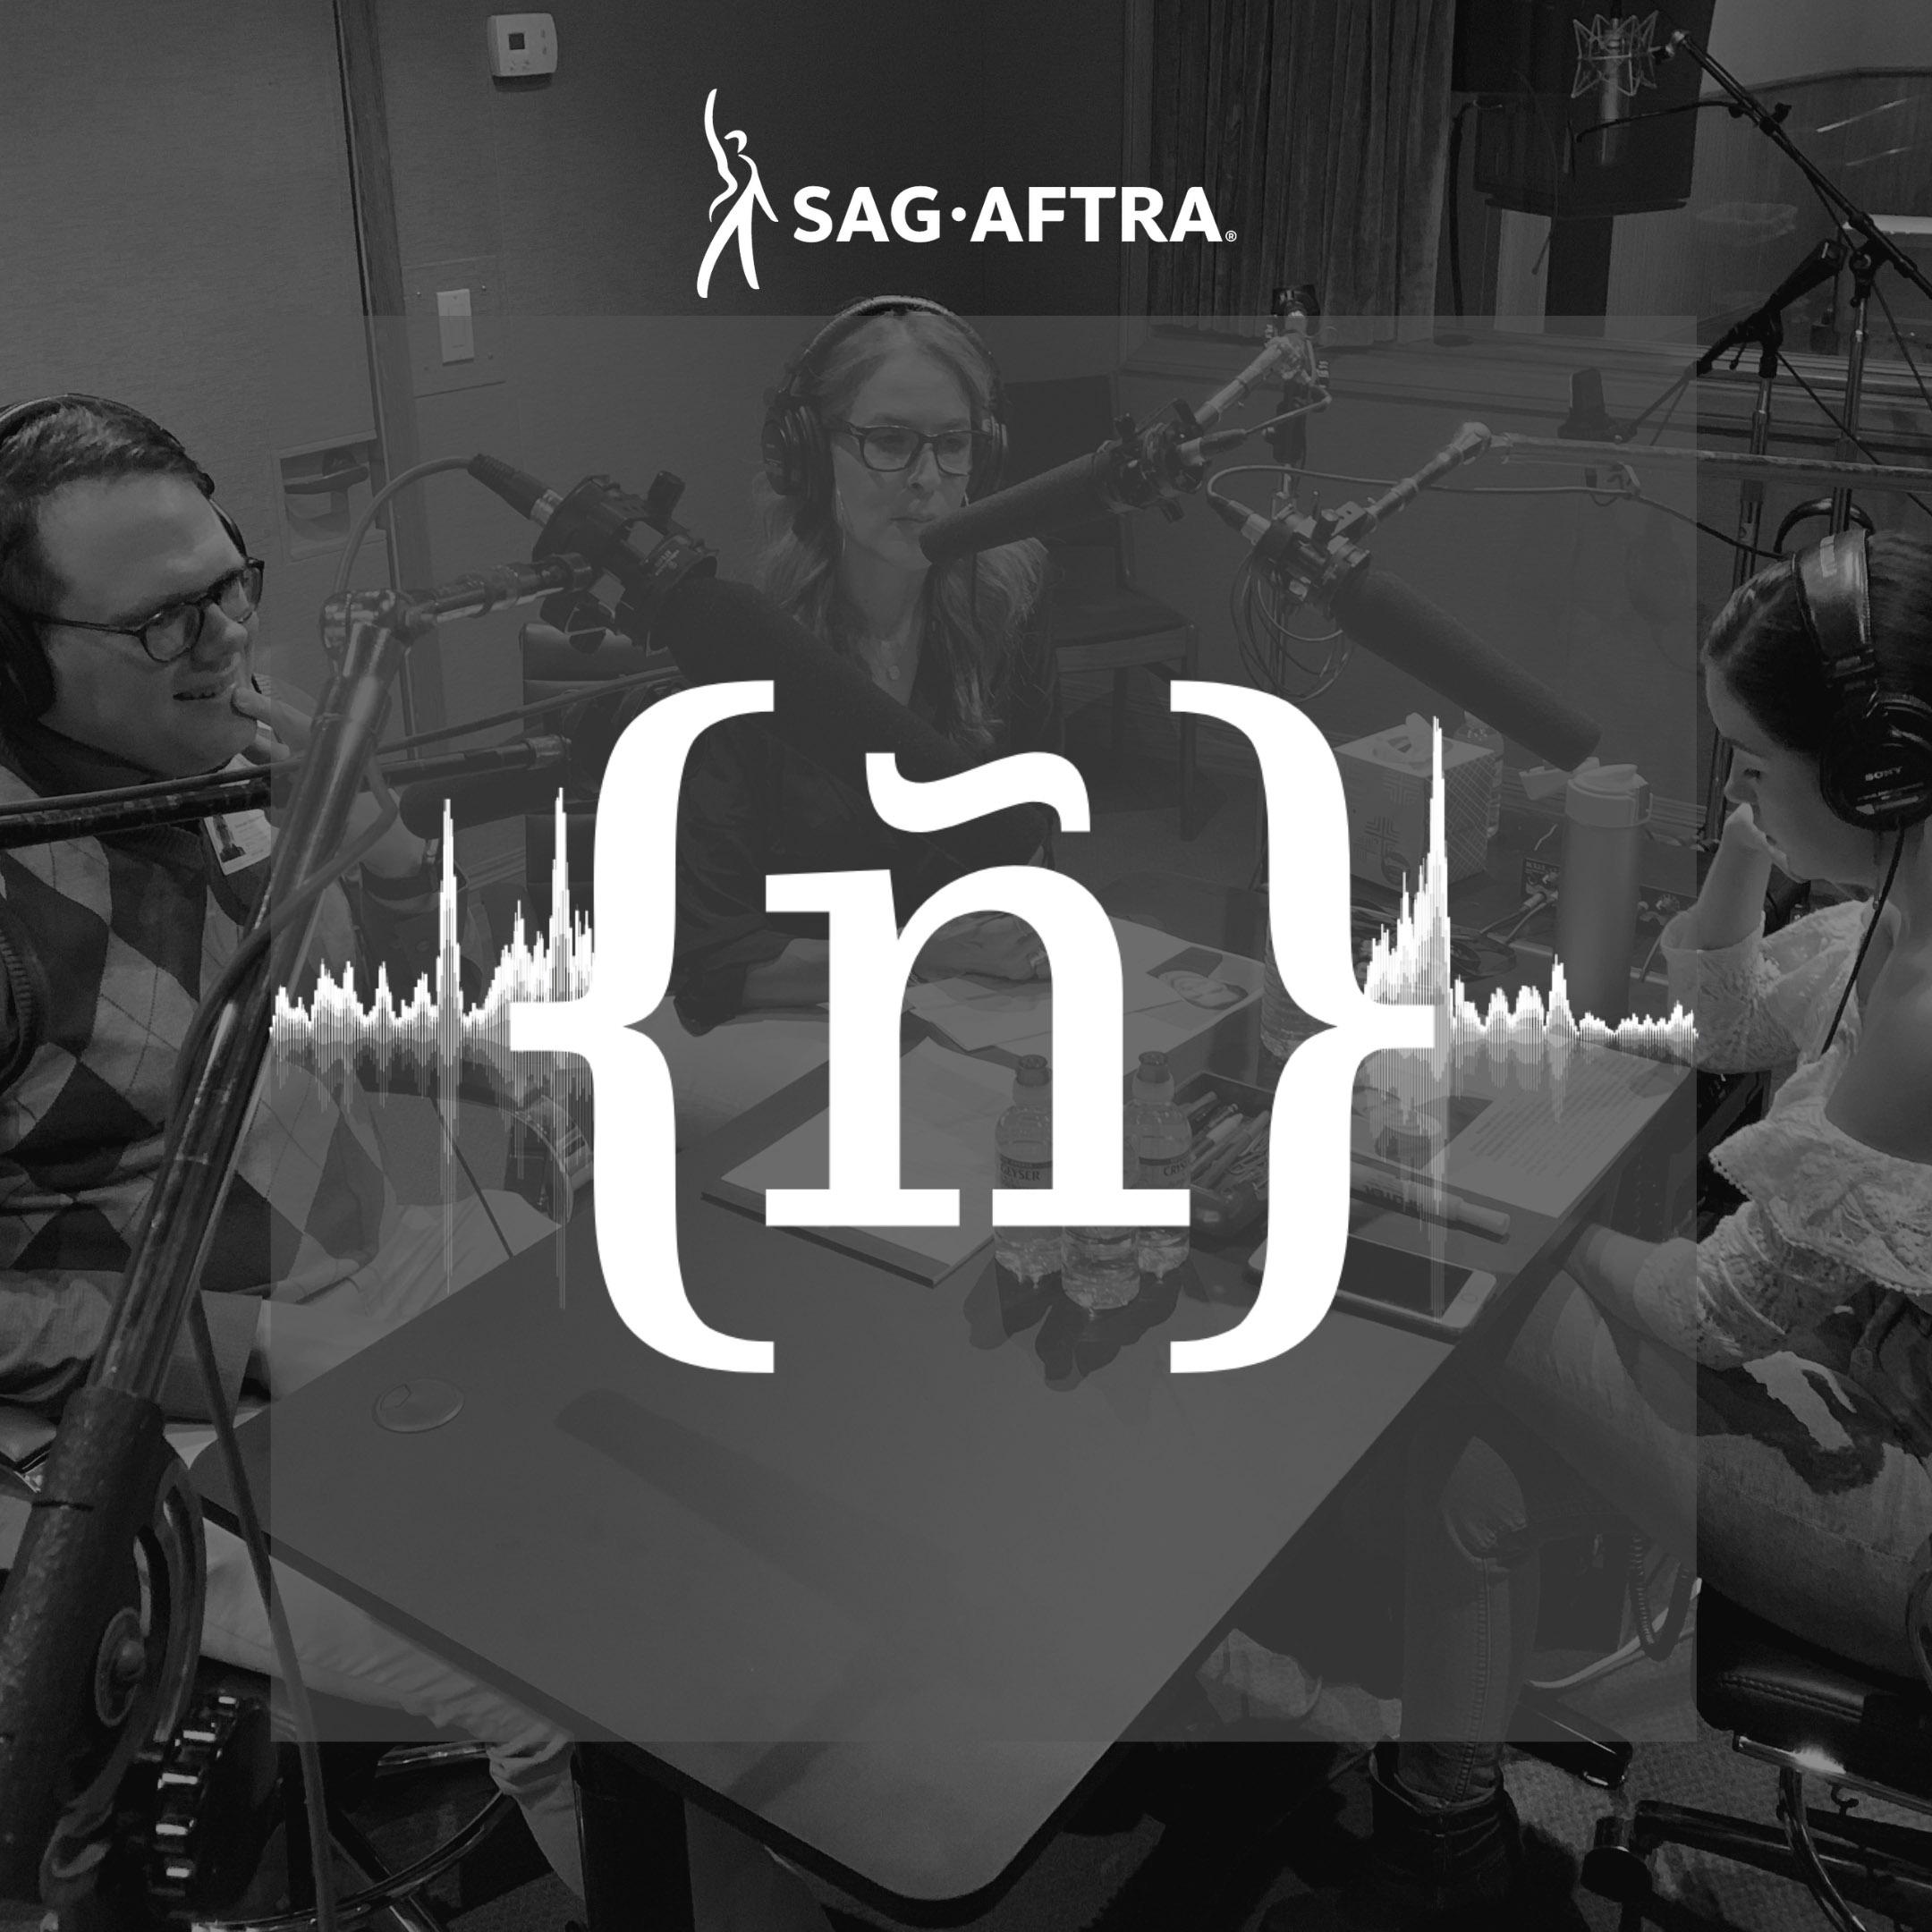 SAG-AFTRA en Español